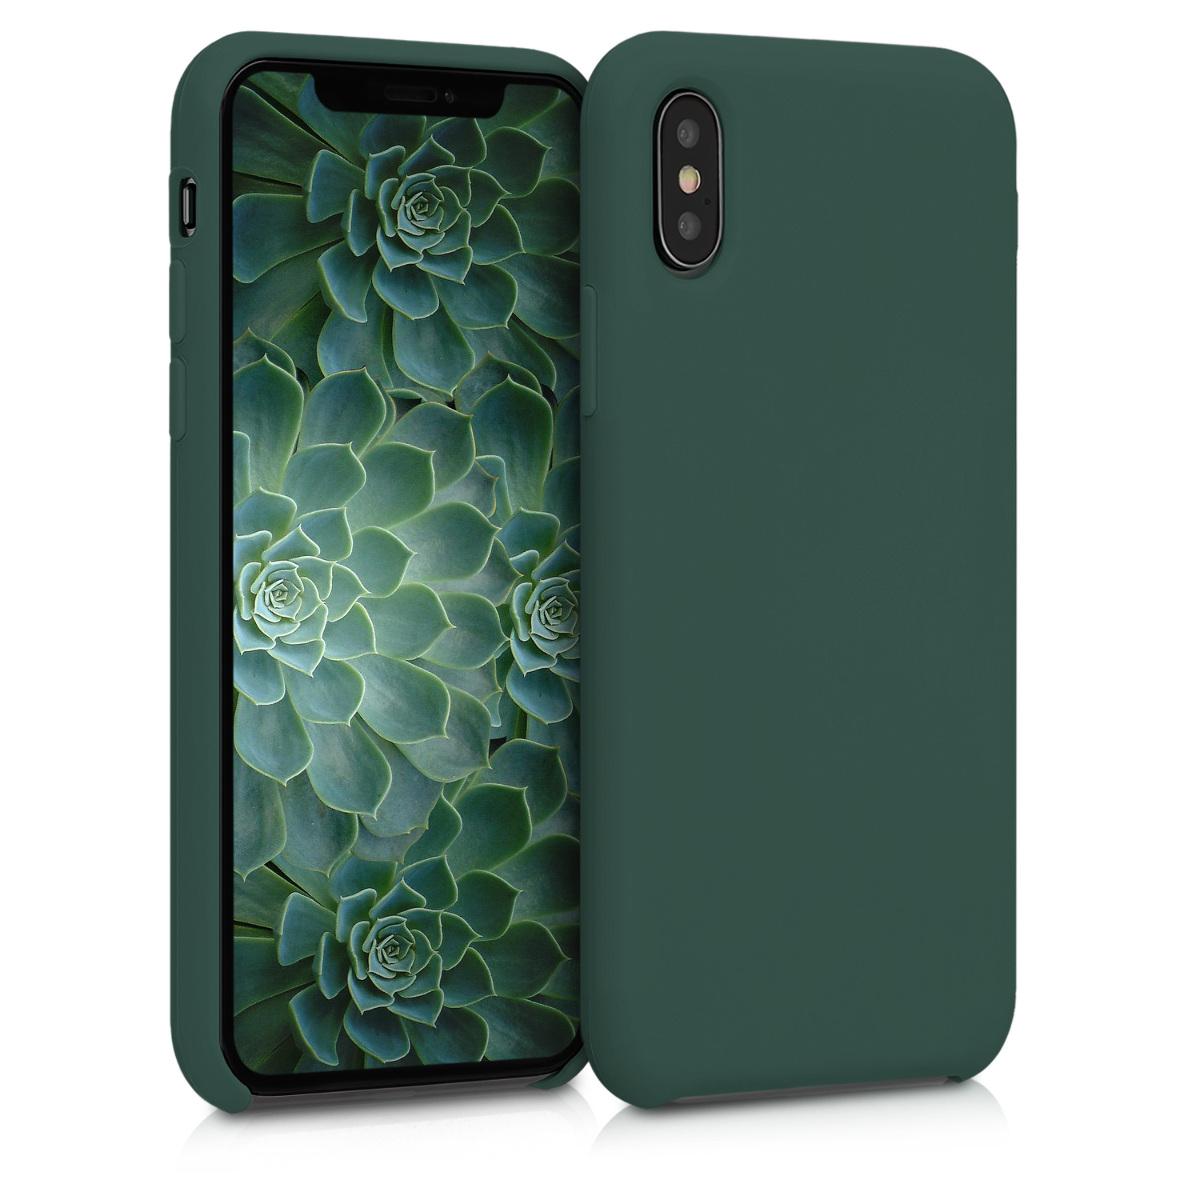 Kvalitní silikonové TPU pouzdro pro Apple iPhone XS - Moss Green